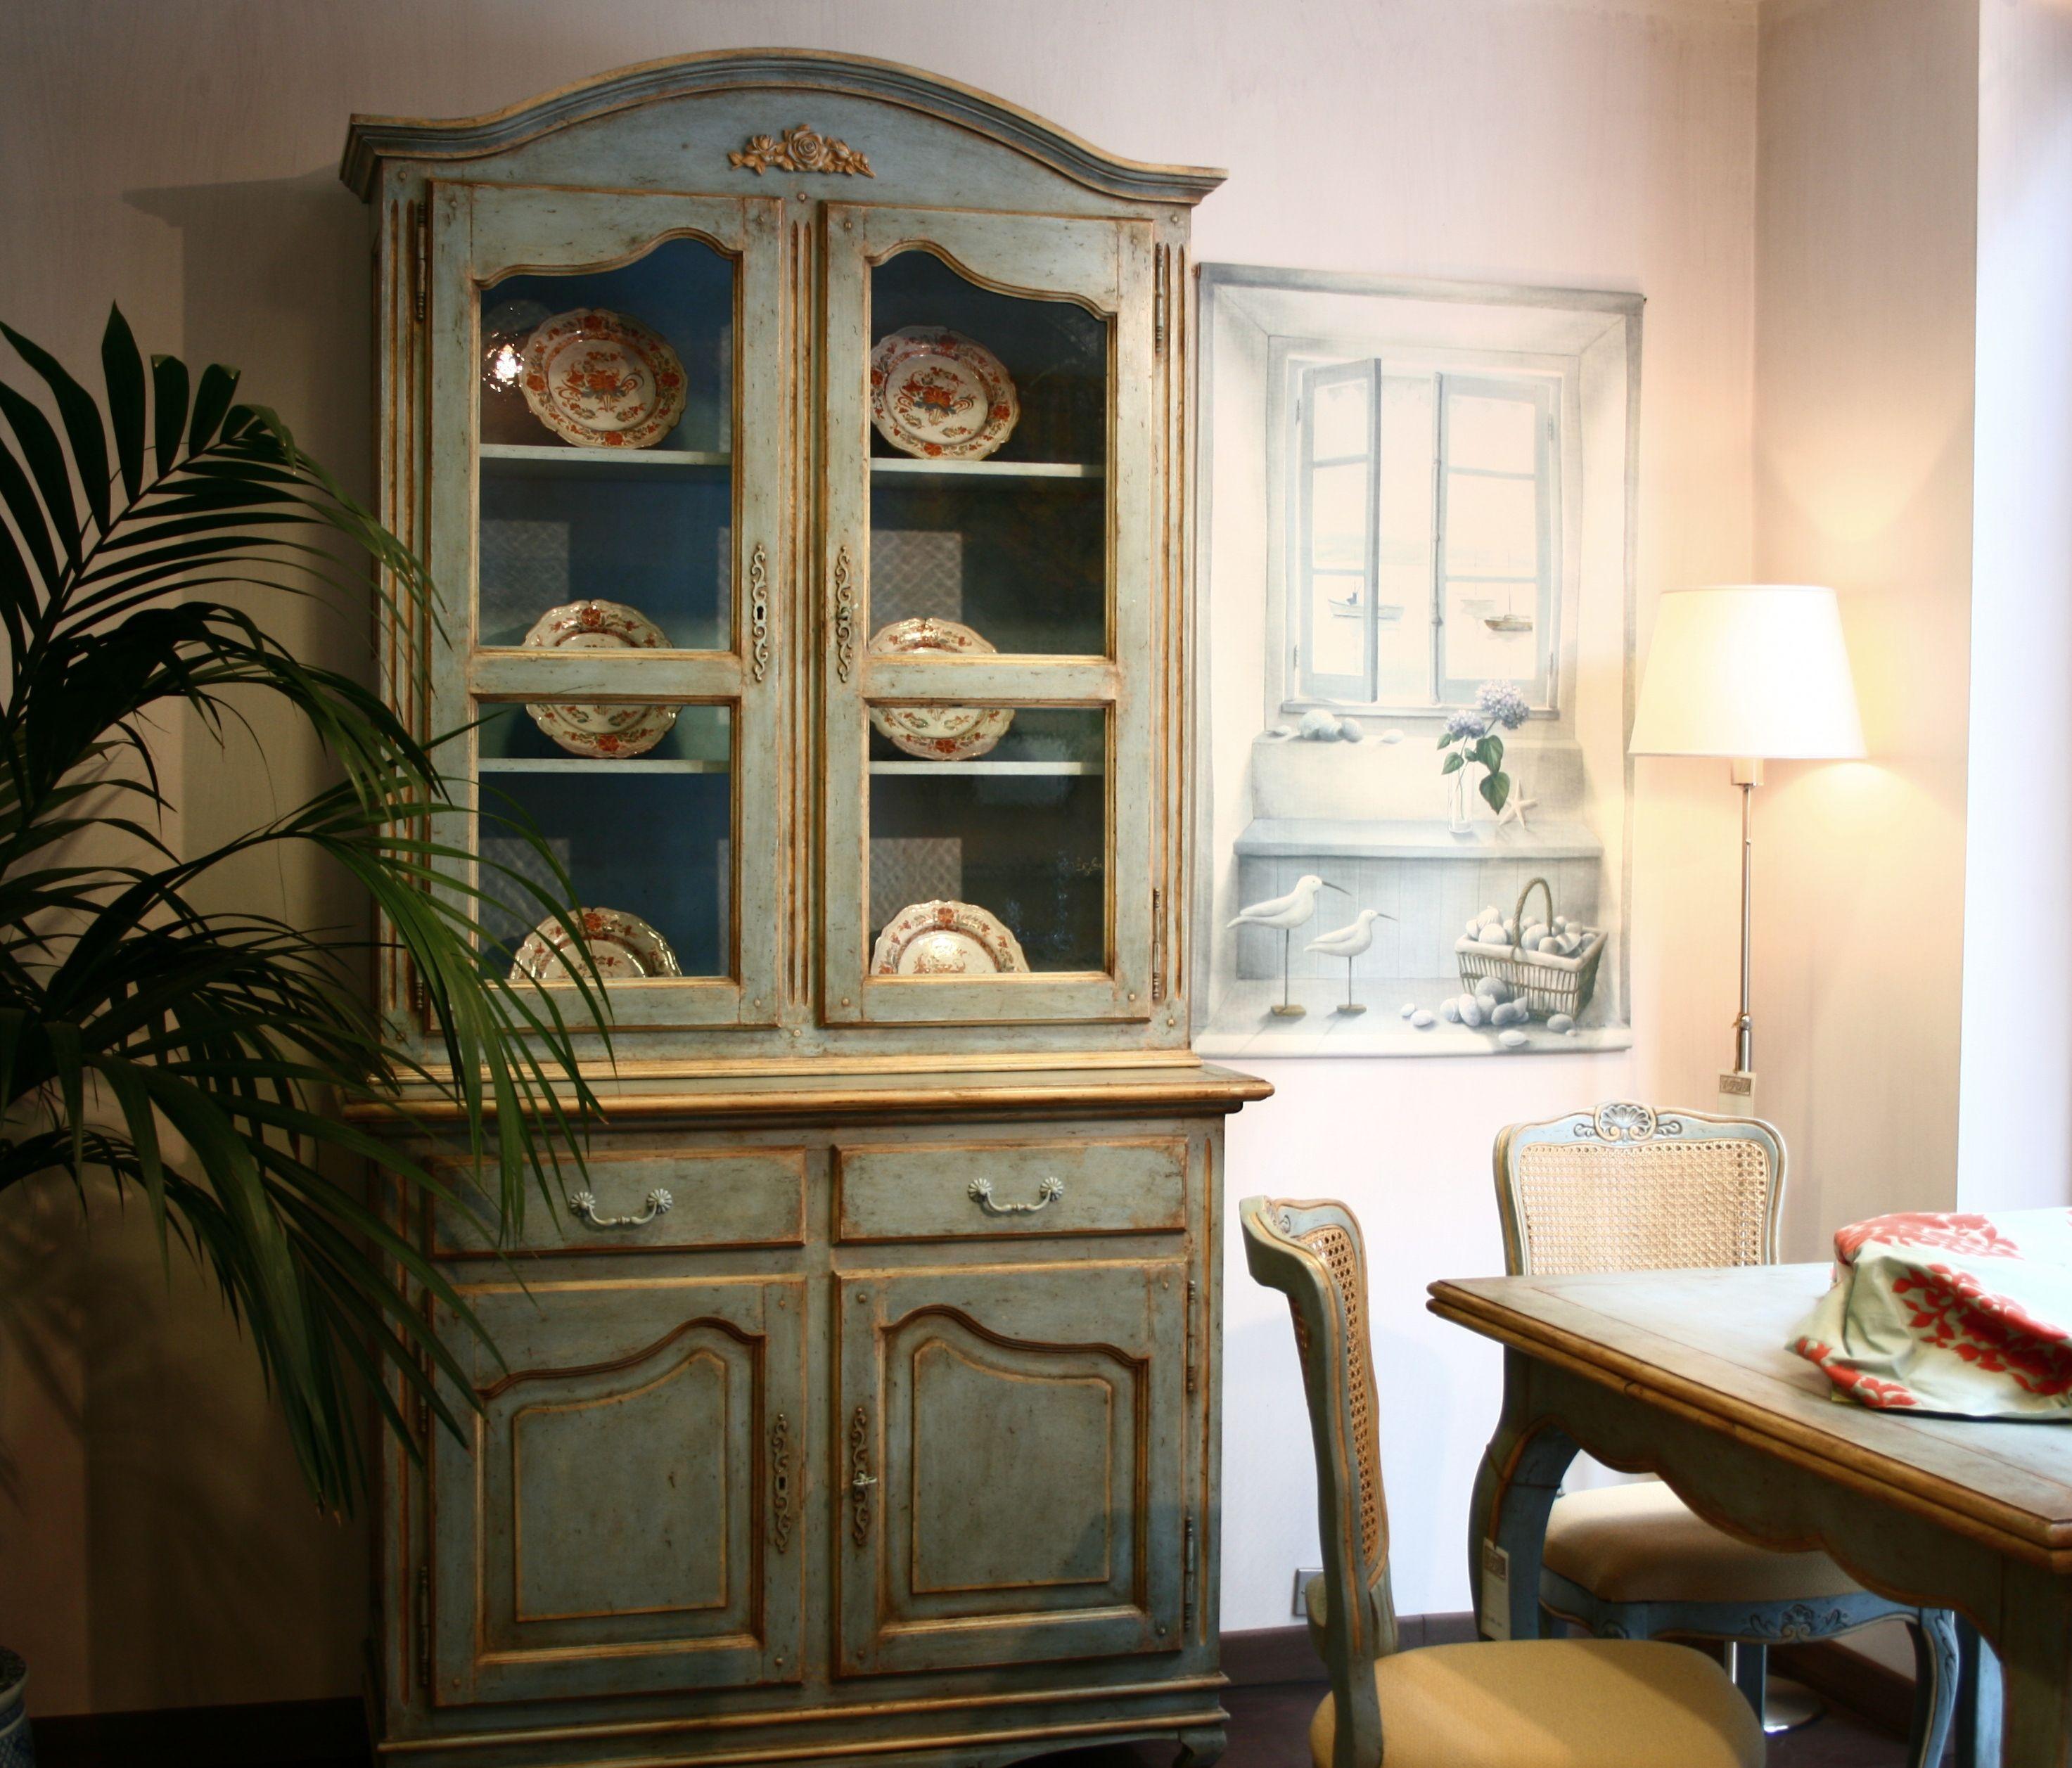 Mobile credenza in stile provenzale mobili pinterest for Arredamento stile provenzale